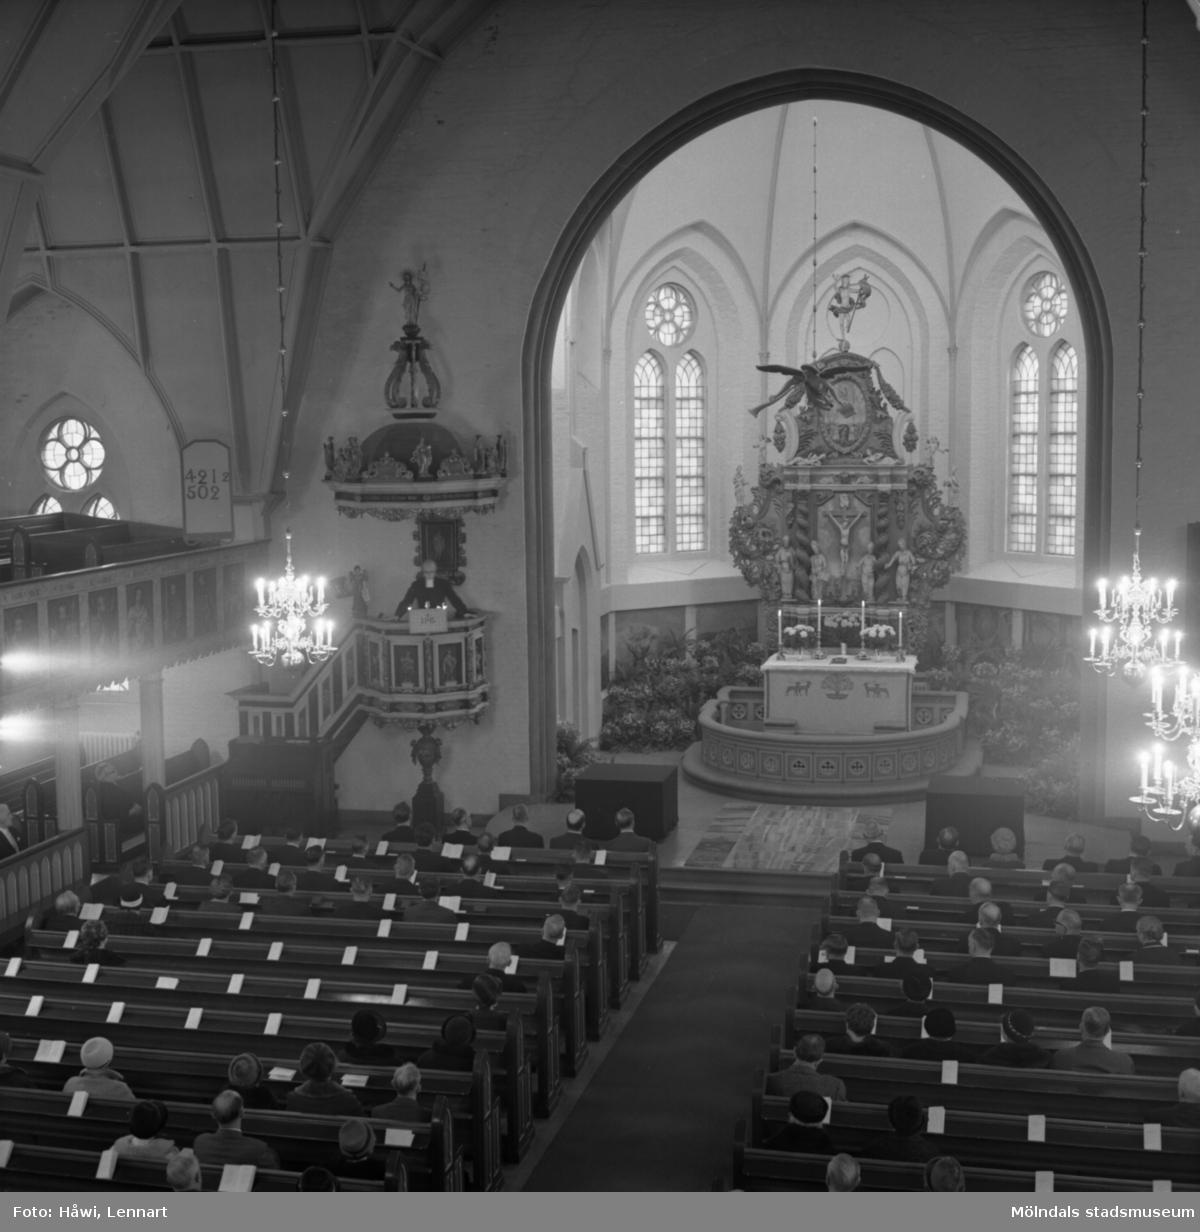 Utdelning av Papyrus minnesgåva 1965. Fässbergs kyrka i Mölndal, 9/11 1965.